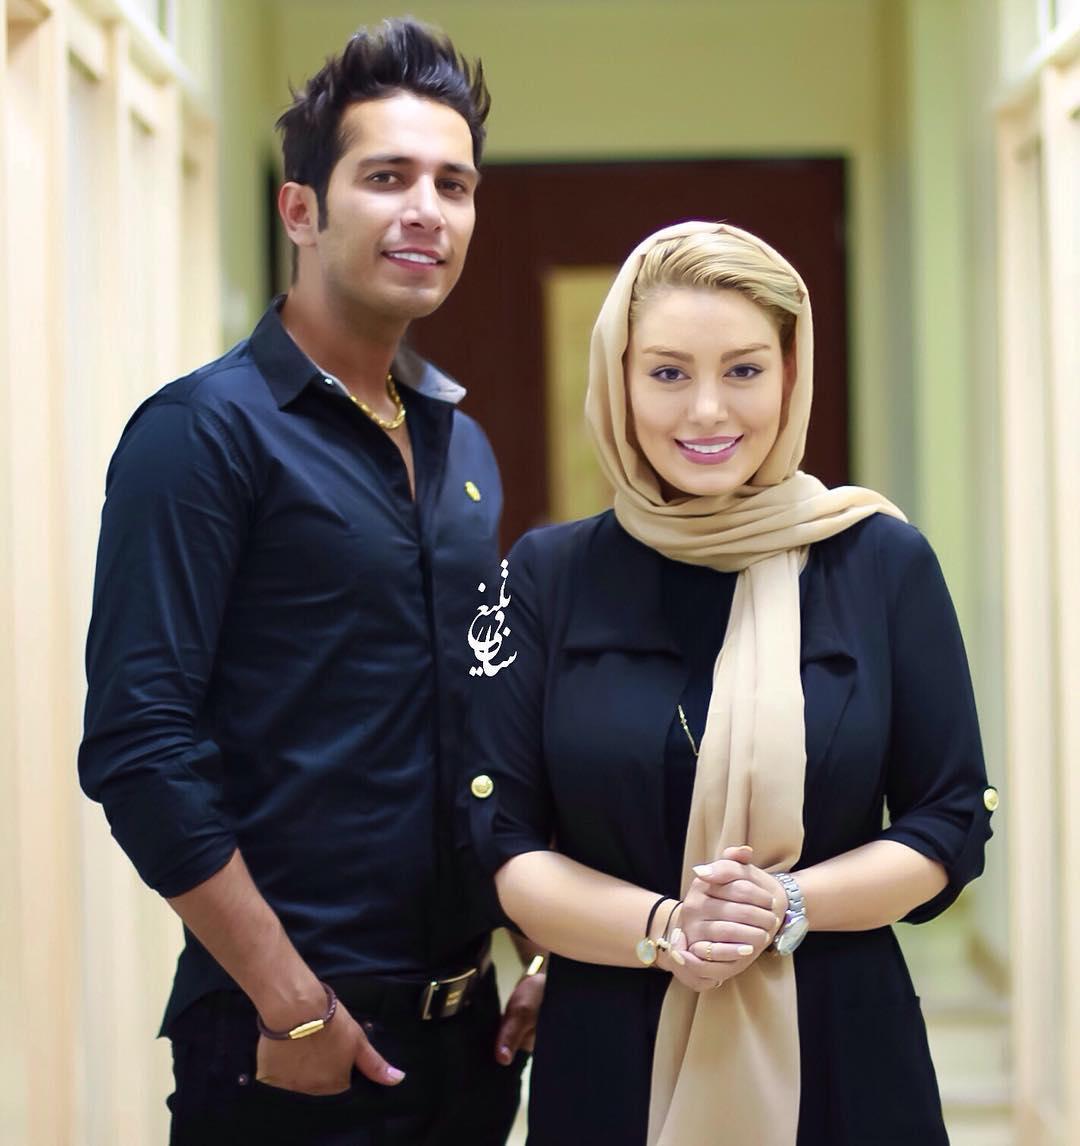 عکس جدیدی از سحر قریشی و همسرش امید علومی